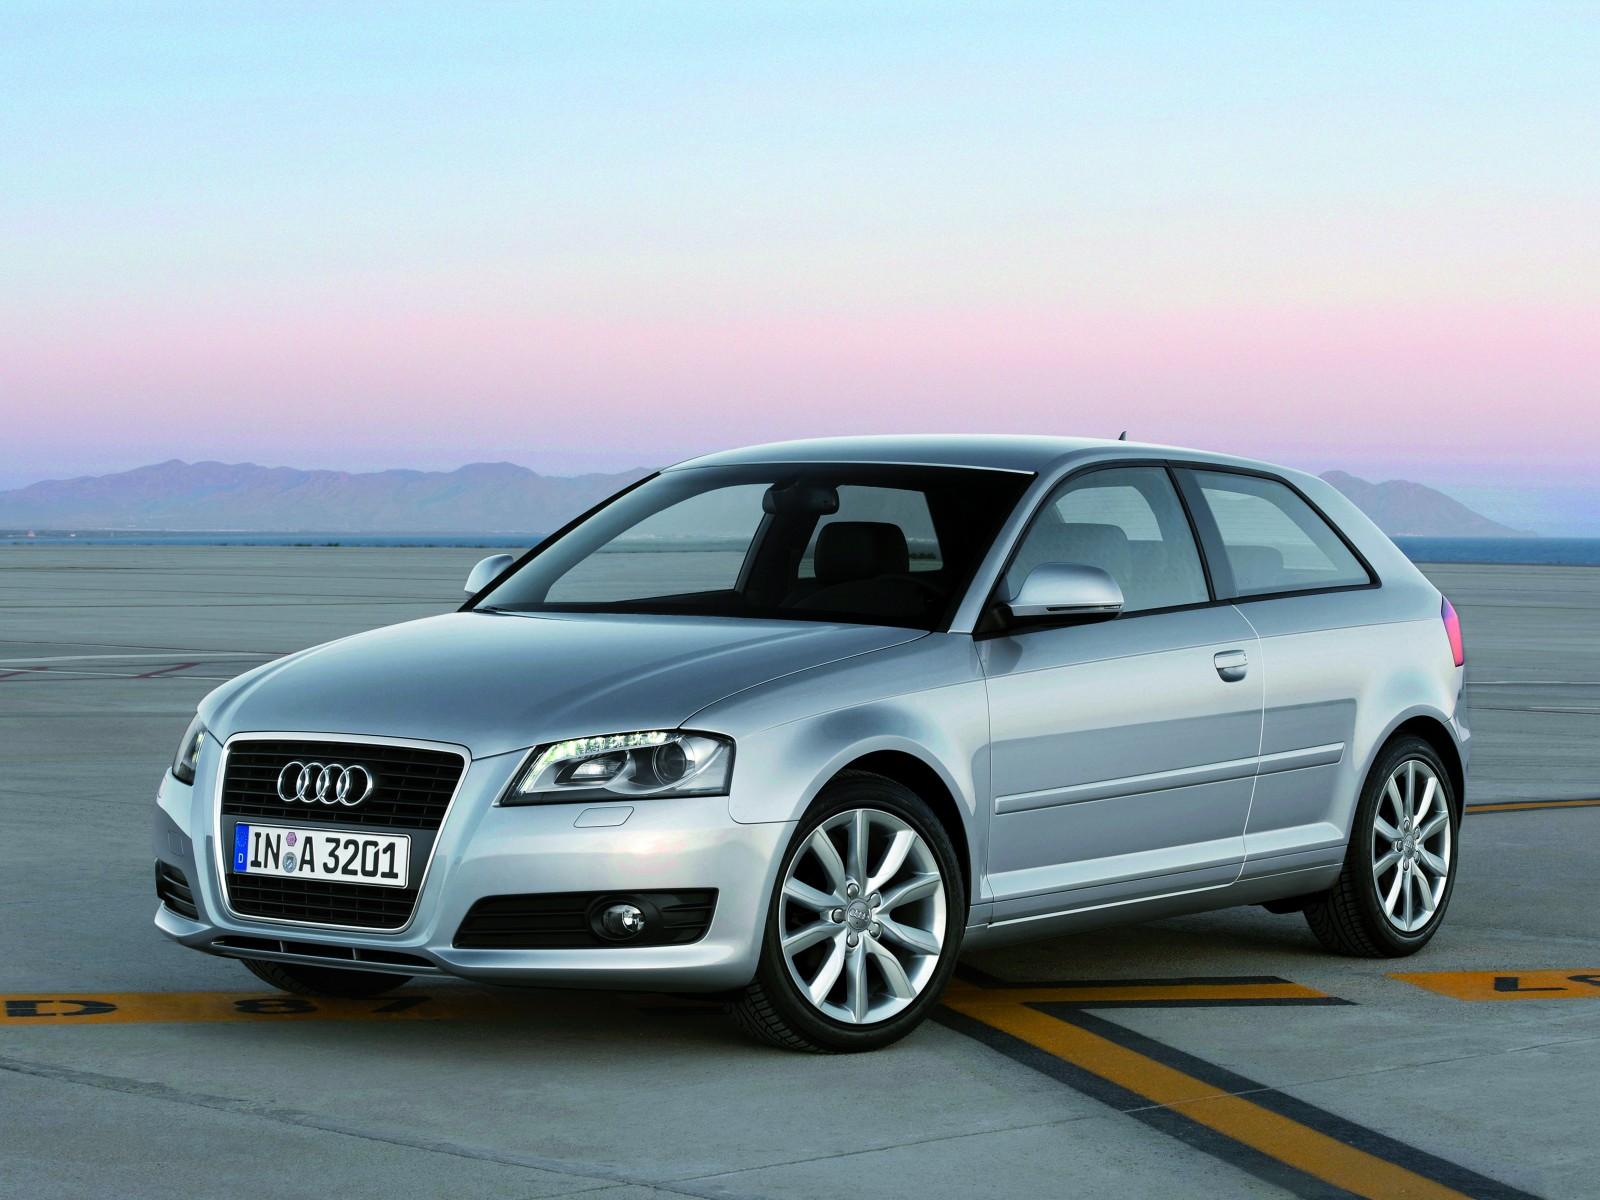 2009 Audi A3 2.0 TFSI : Motor Desktop